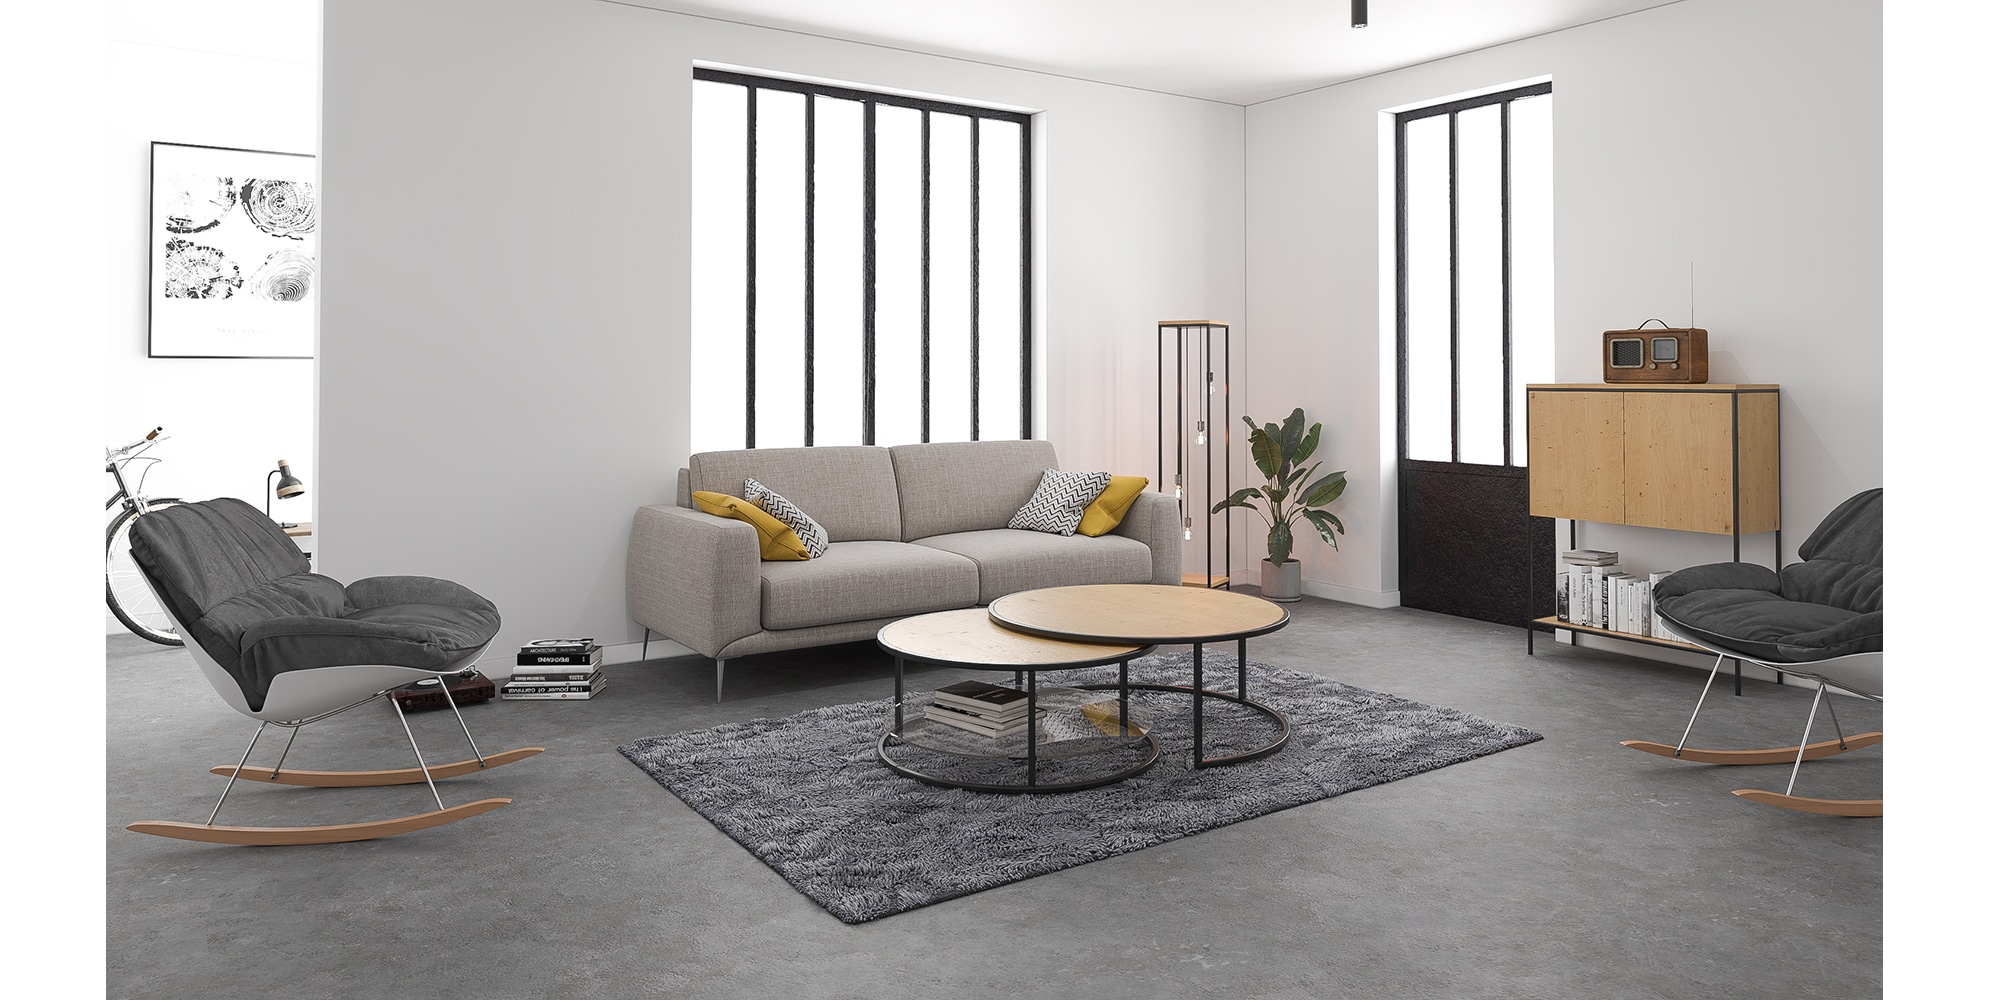 Intérieur de style industrielle épuré meubles métal bois sur mesure